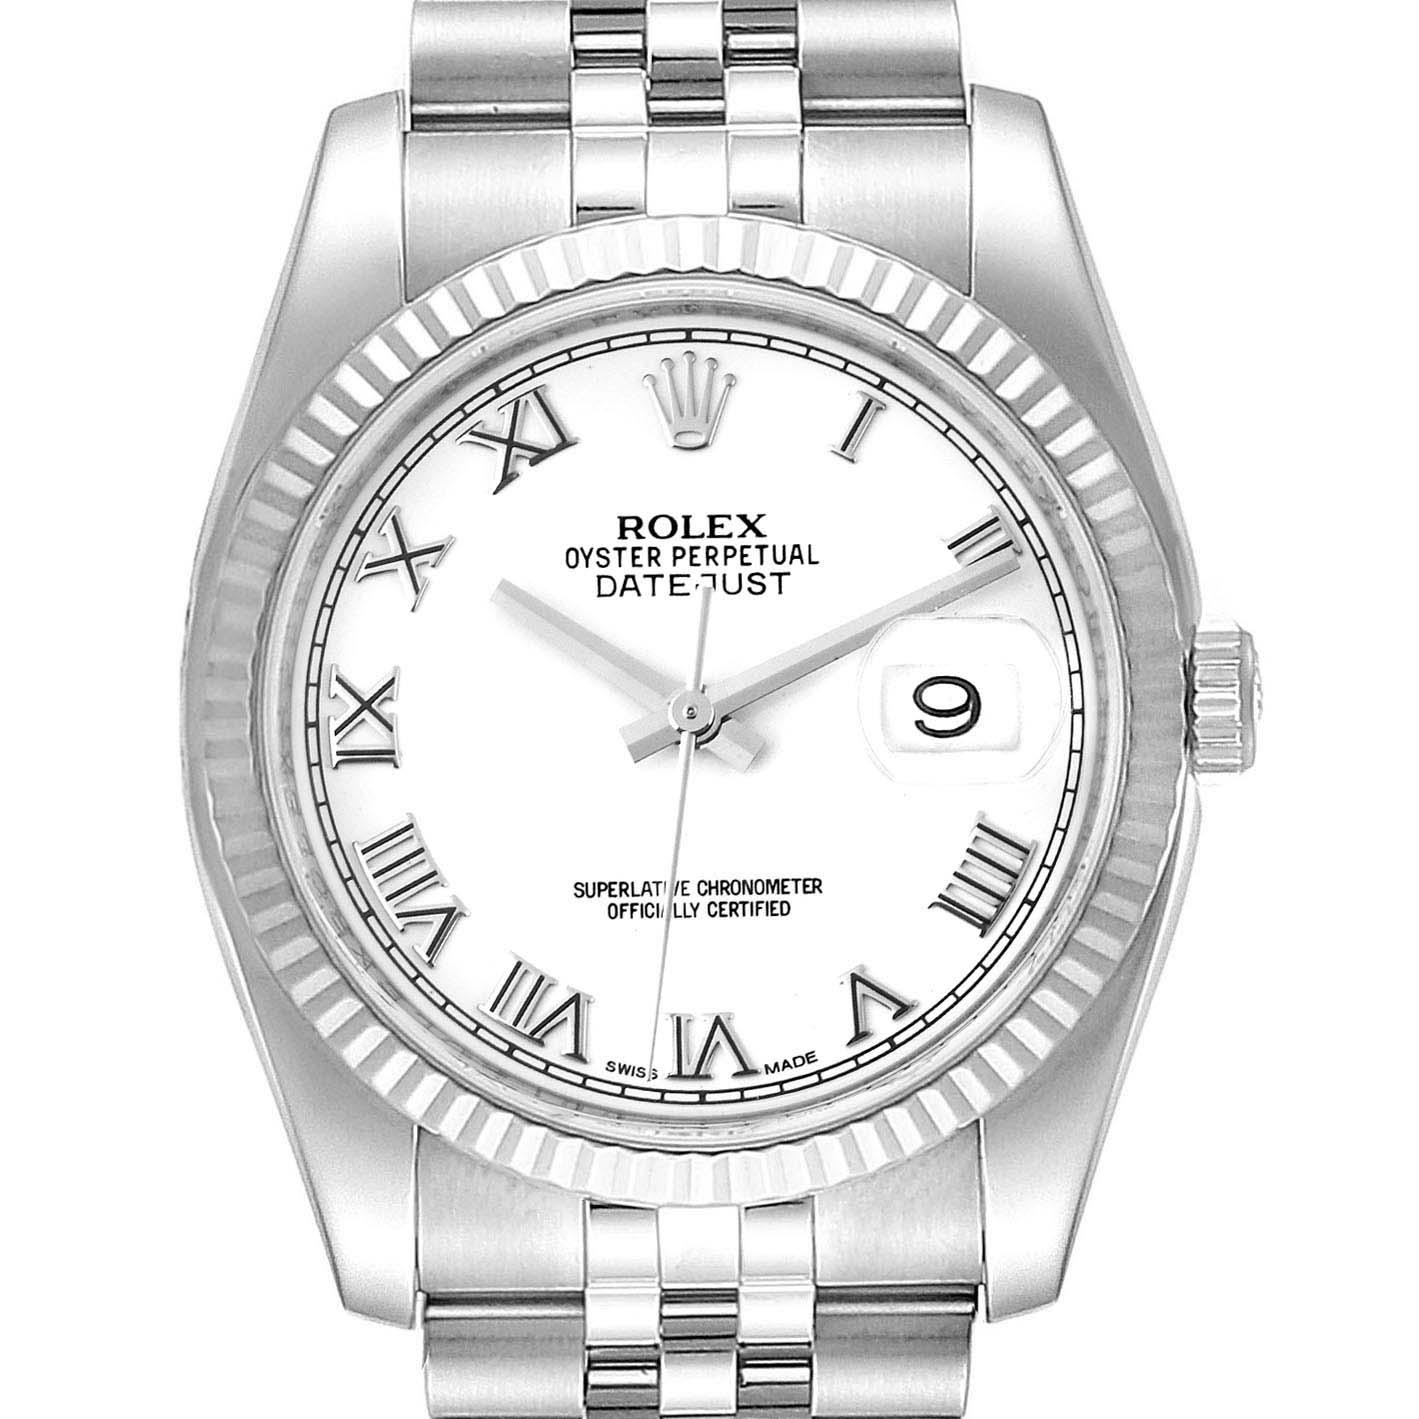 Rolex Datejust Steel White Gold Jubilee Bracelet Mens Watch 116234